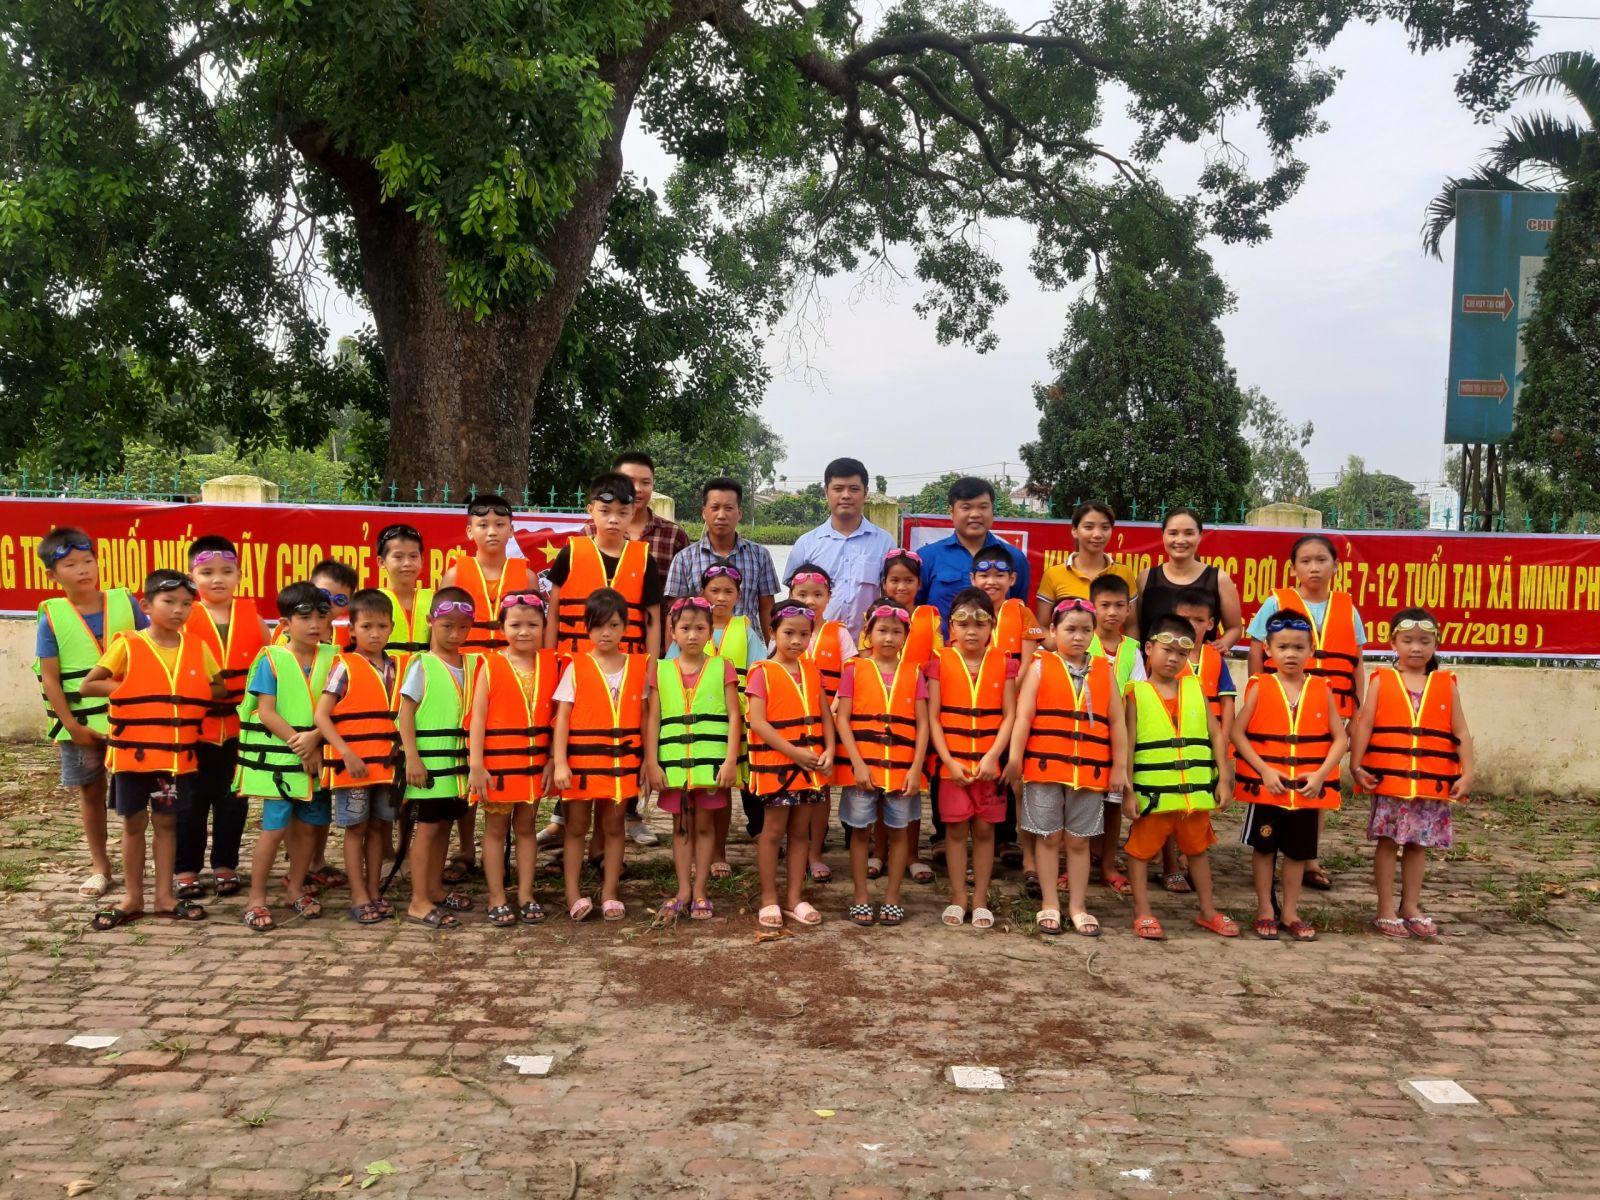 Huyện đoàn Tiên Lữ phối hợp tổ chức dạy bơi miễn phí cho thanh thiếu nhi